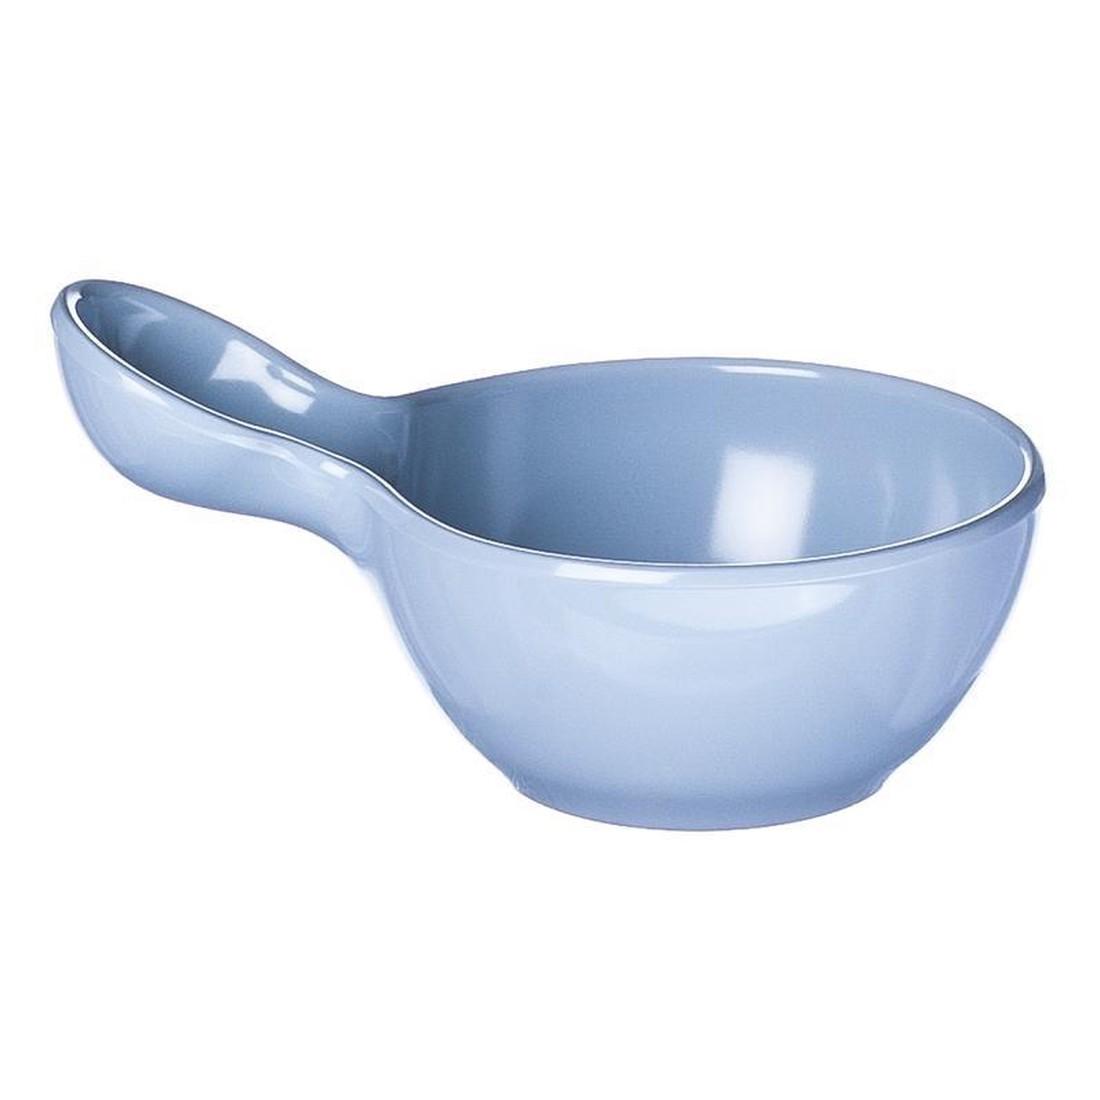 Saucenschüssel Mia – Melamin – Blau – 7 x 13 x 9 cm, Ole Jensen online bestellen